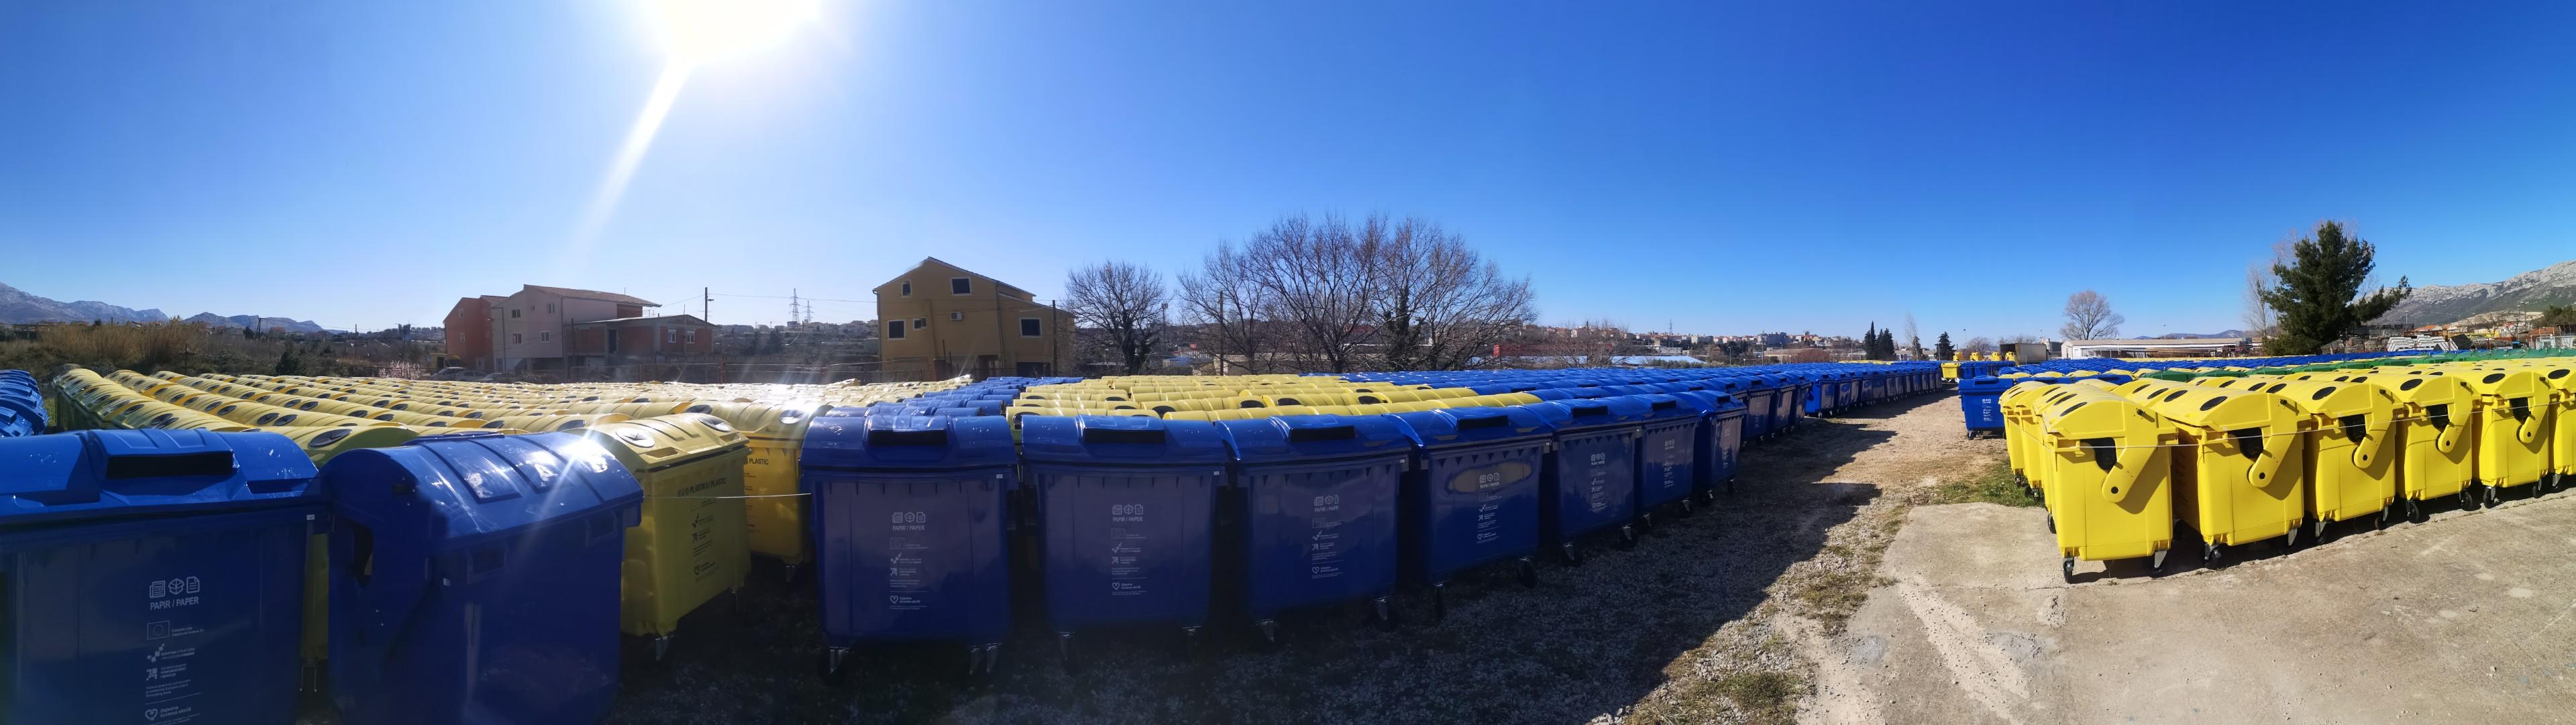 Izvršena isporuka spremnika za odvojeno prikupljanje otpada – Grupa 2